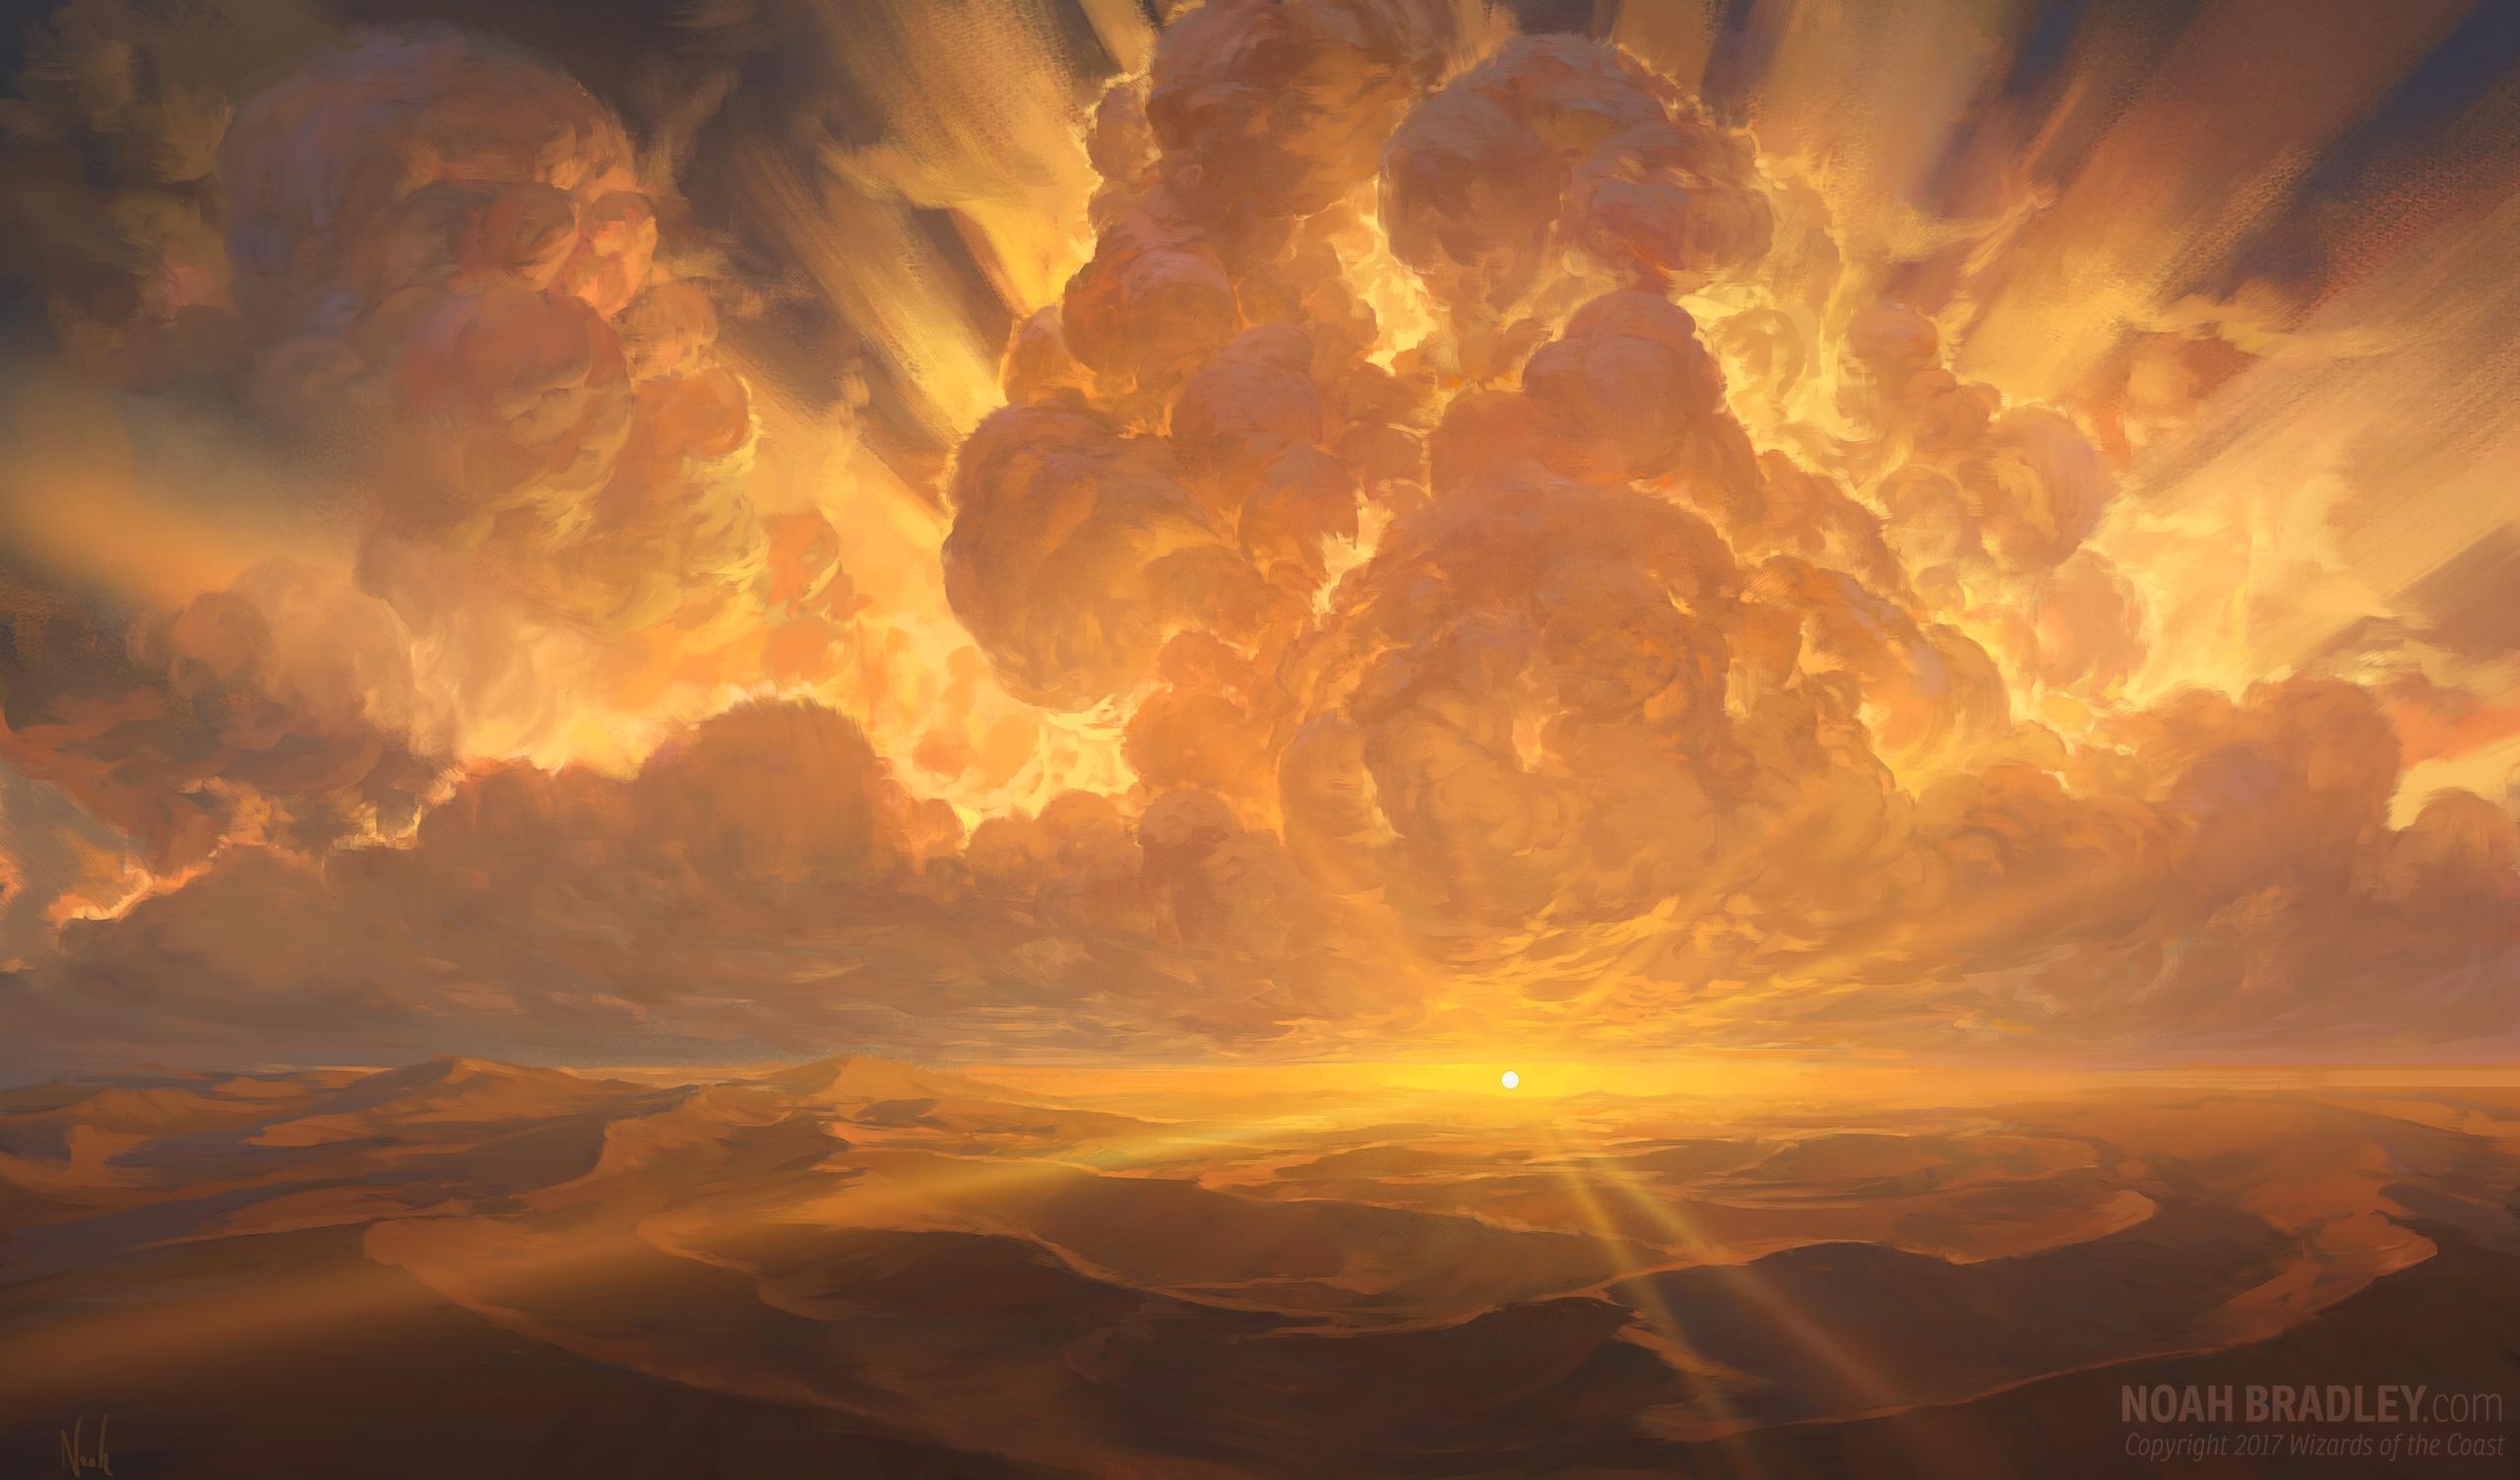 красивые-картинки-art-рассвет-noahbradley-3768708.jpeg